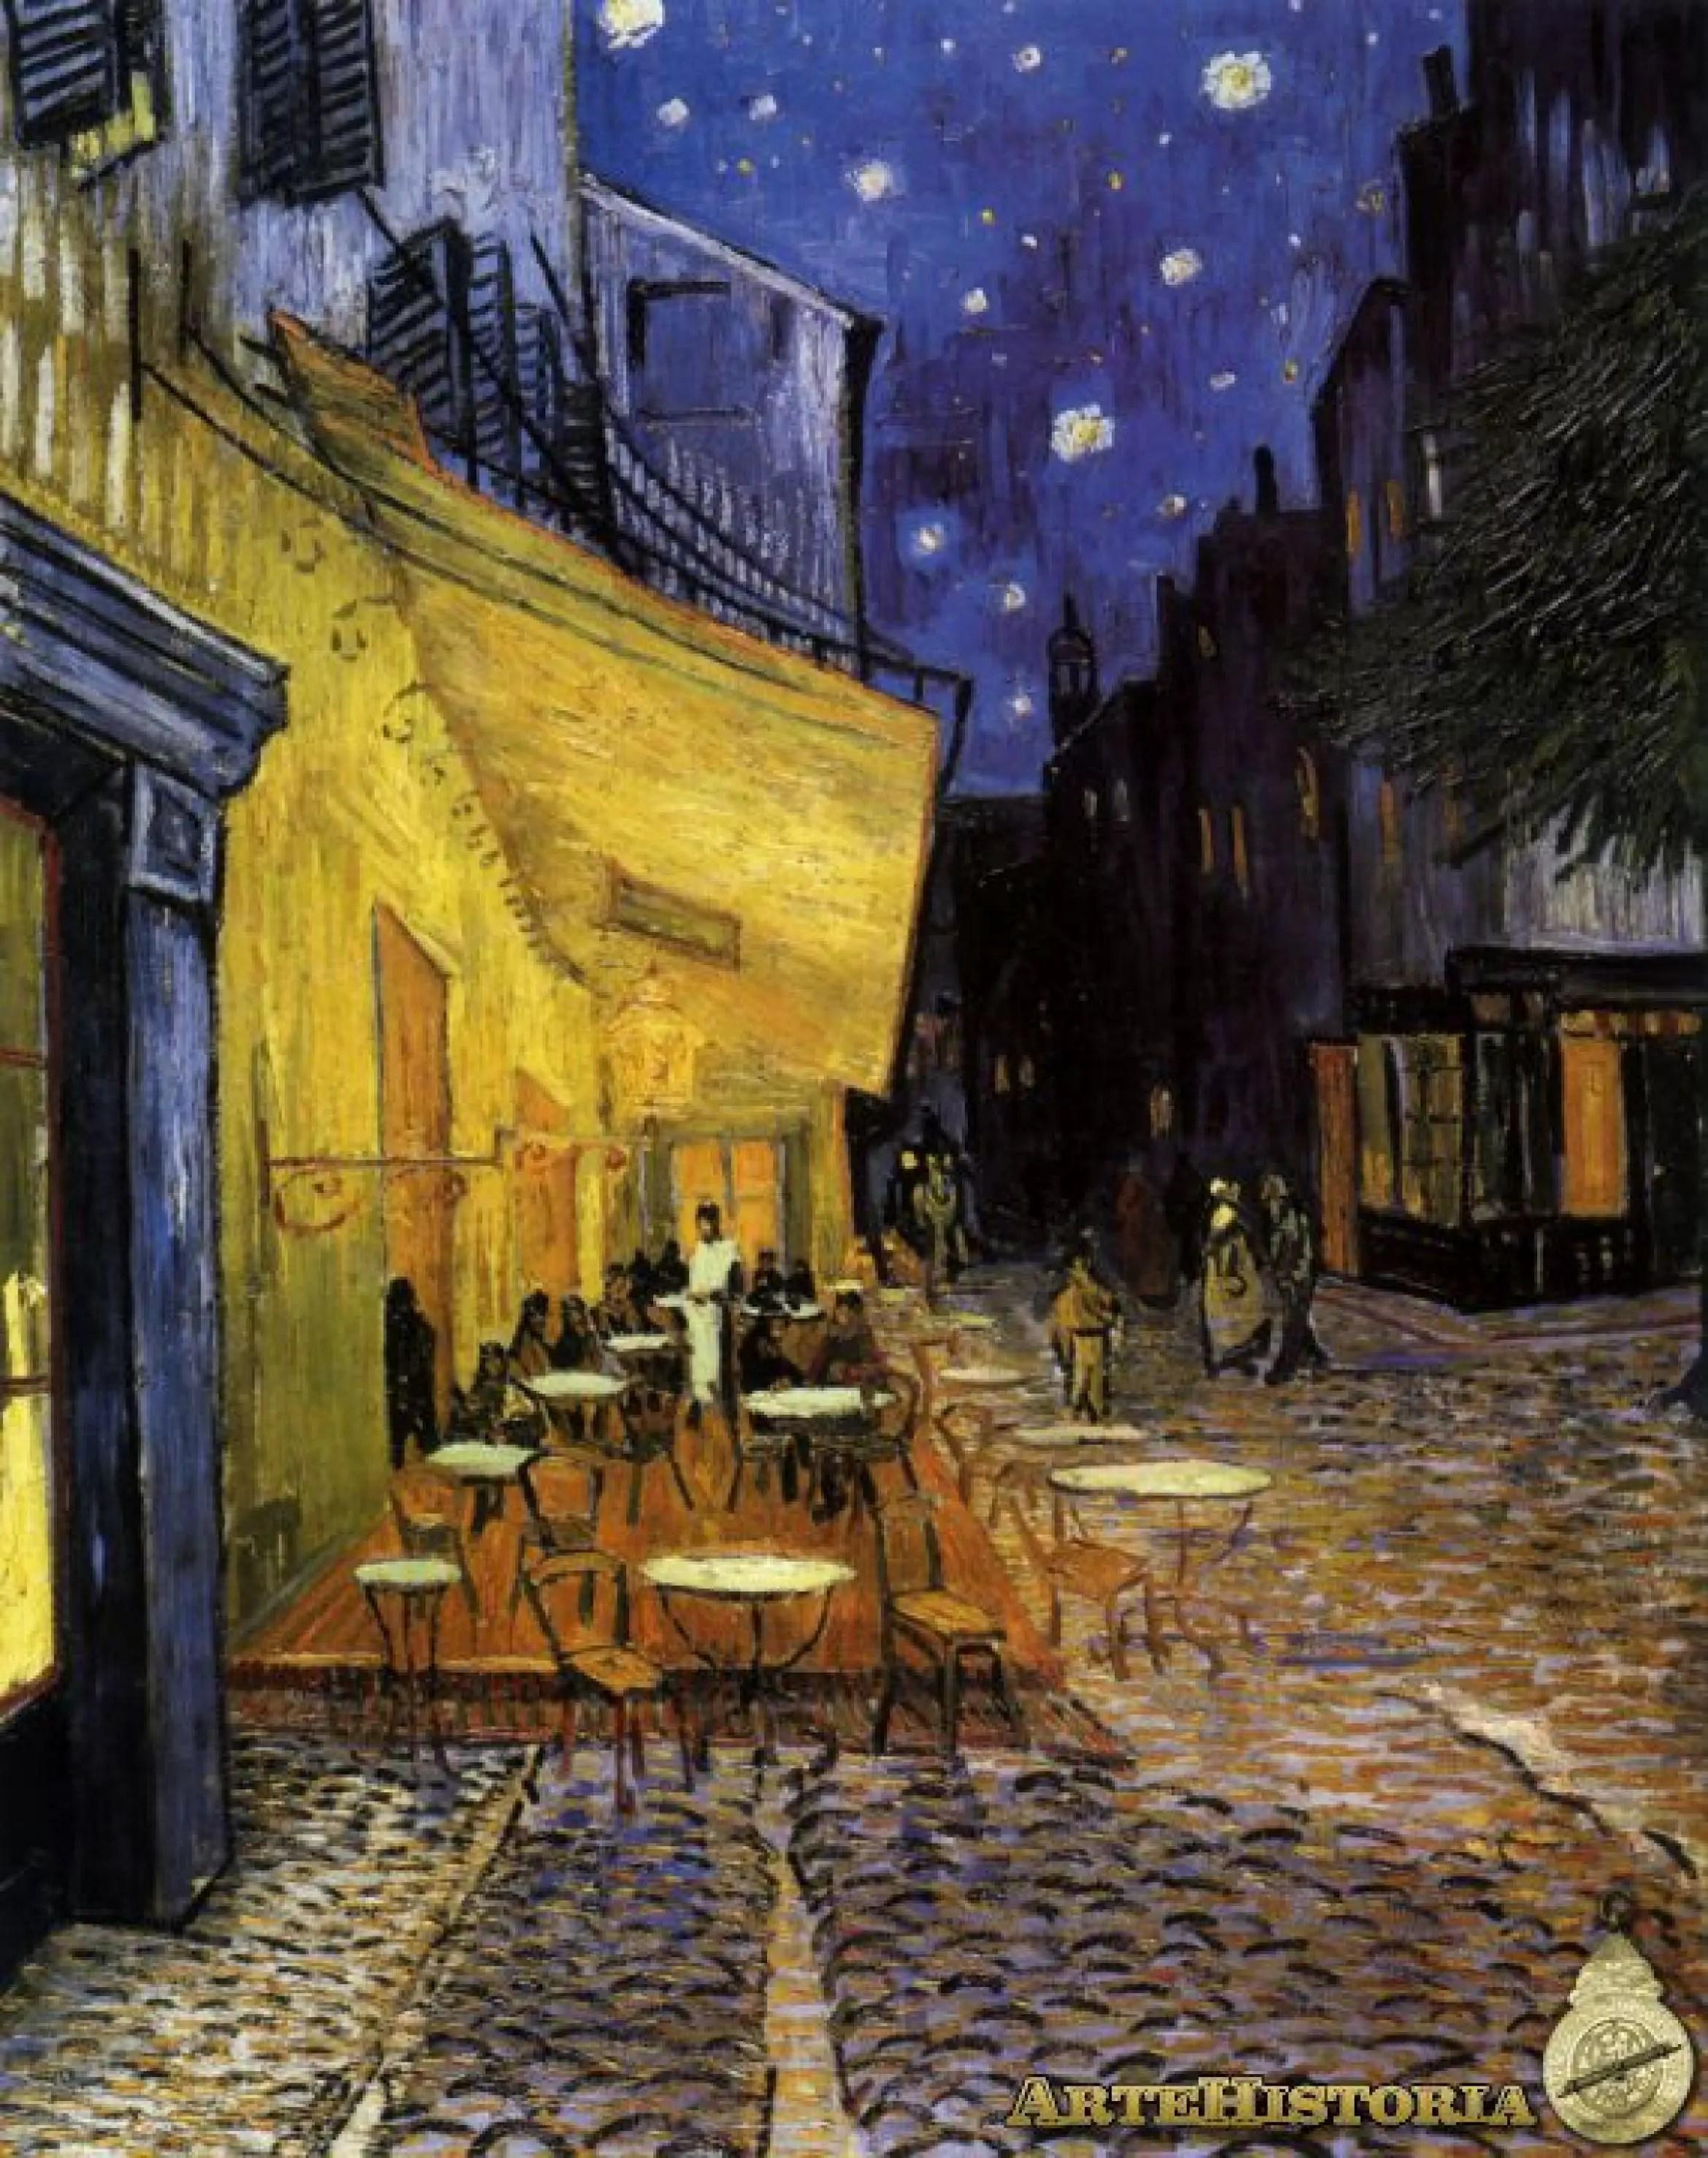 Terraza de caf por la noche  artehistoriacom